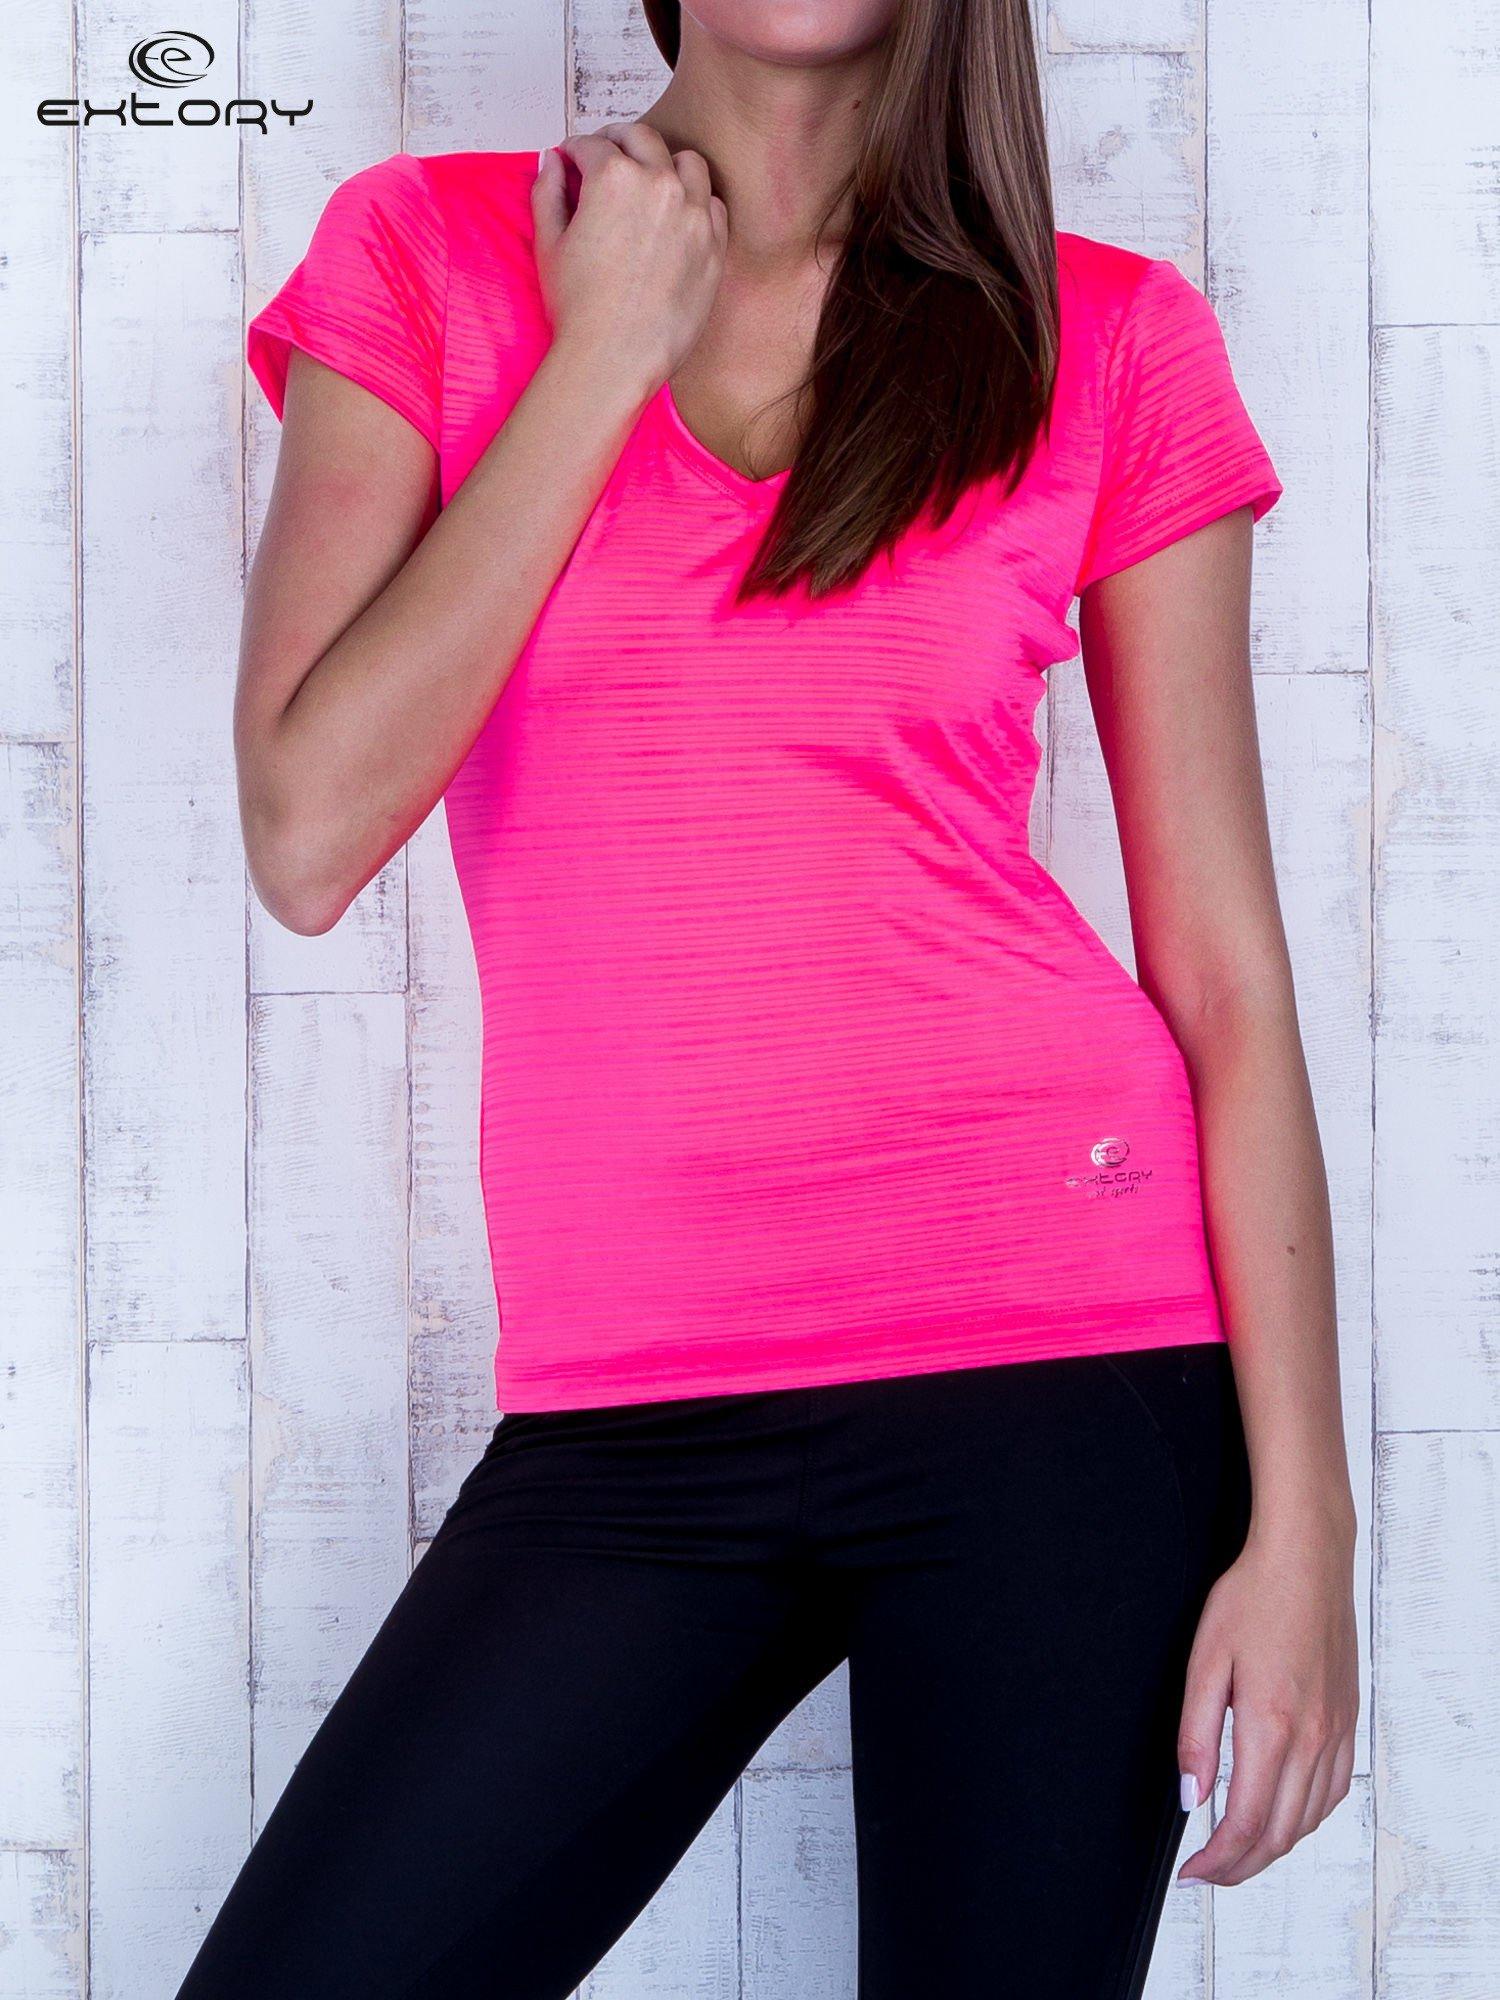 Fluojasnoróżowy t-shirt sportowy w paseczki                                  zdj.                                  1